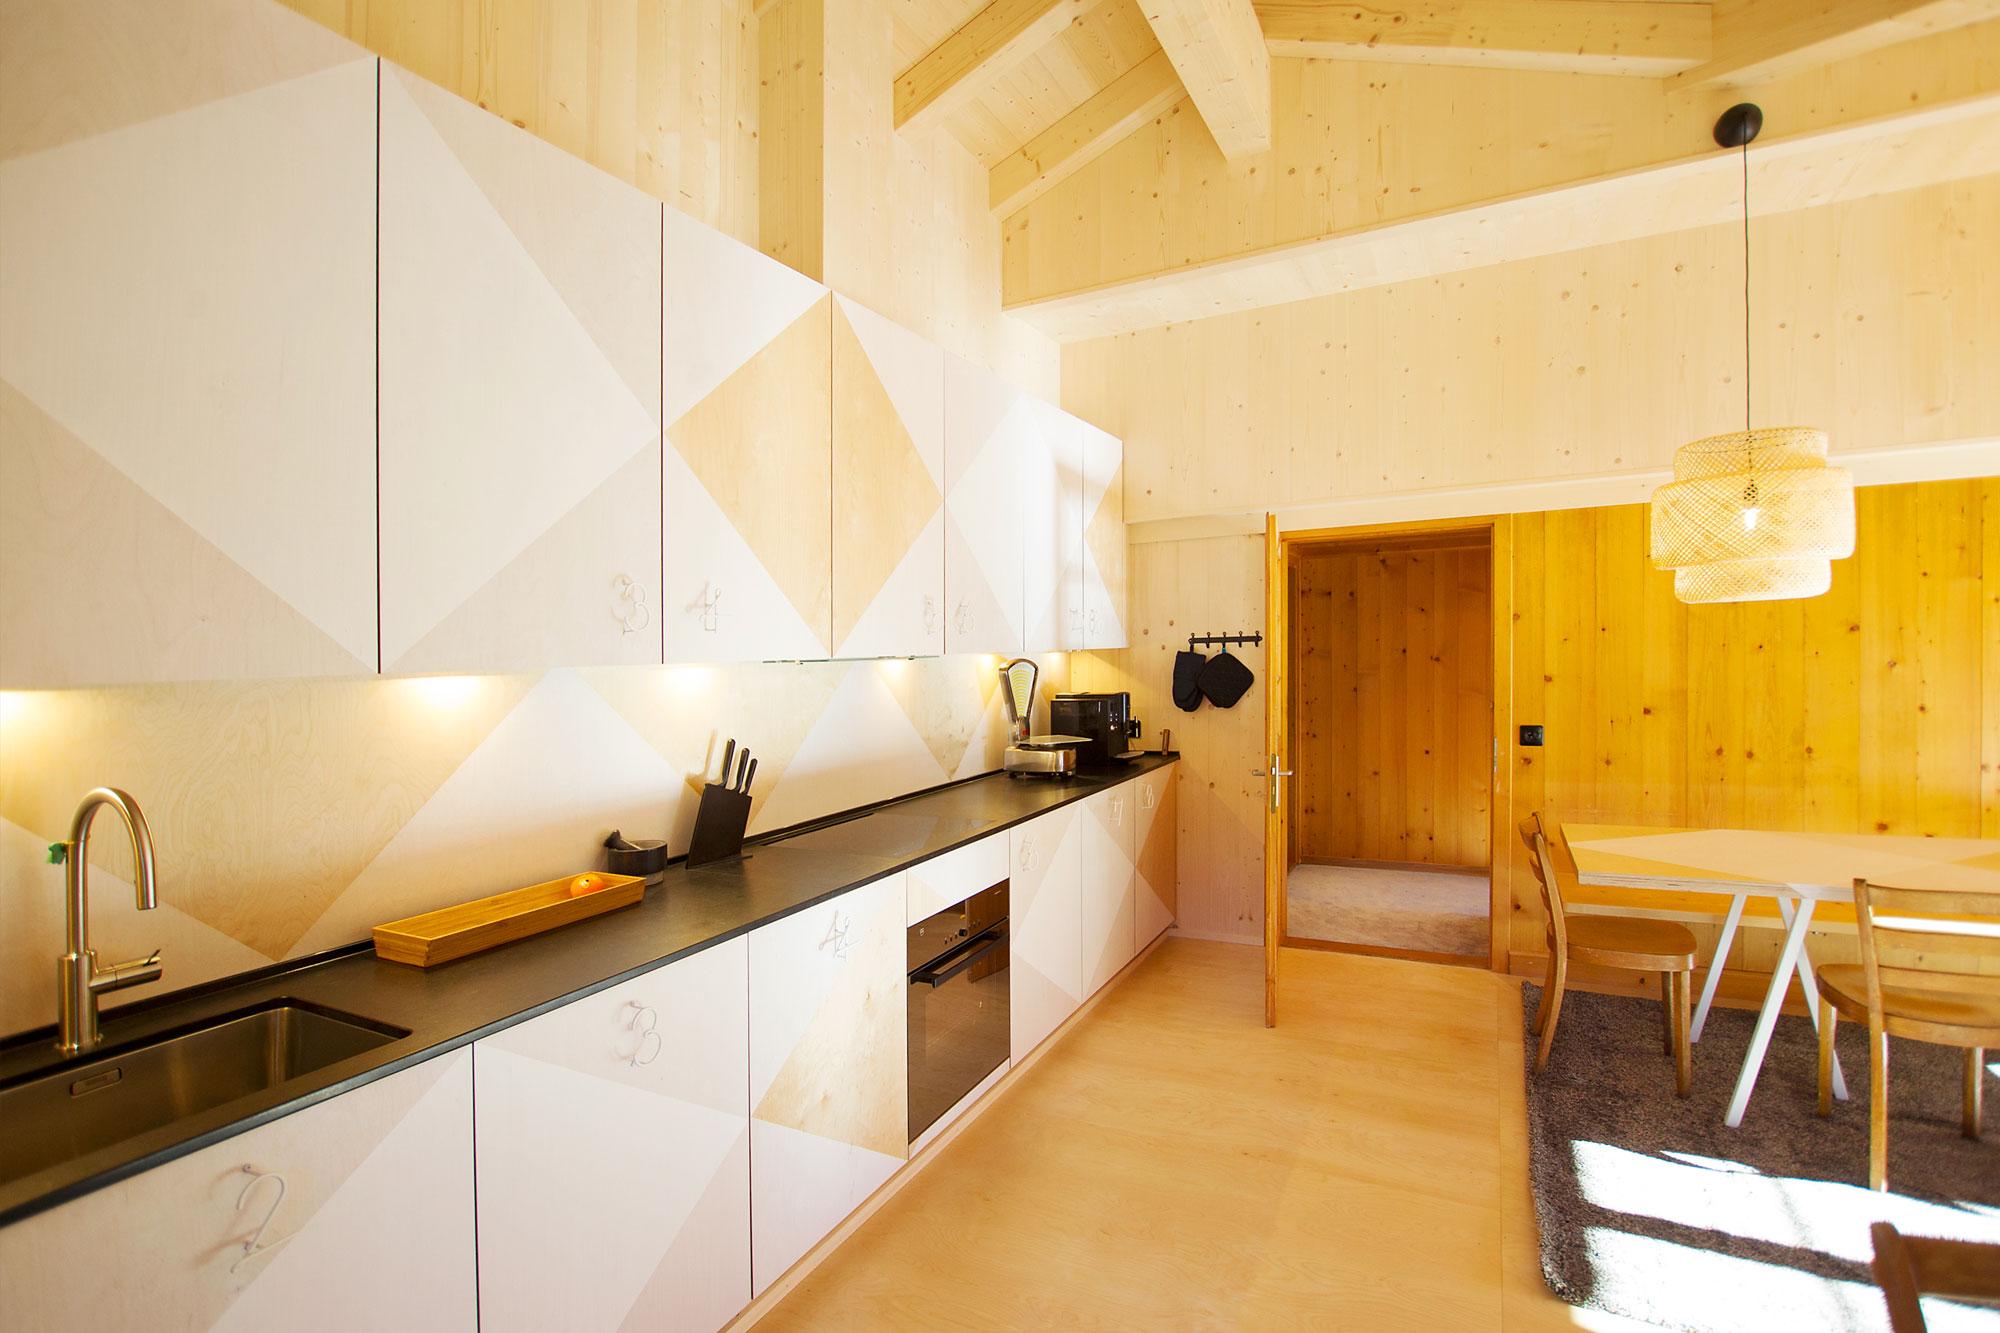 Lochstafel Küche